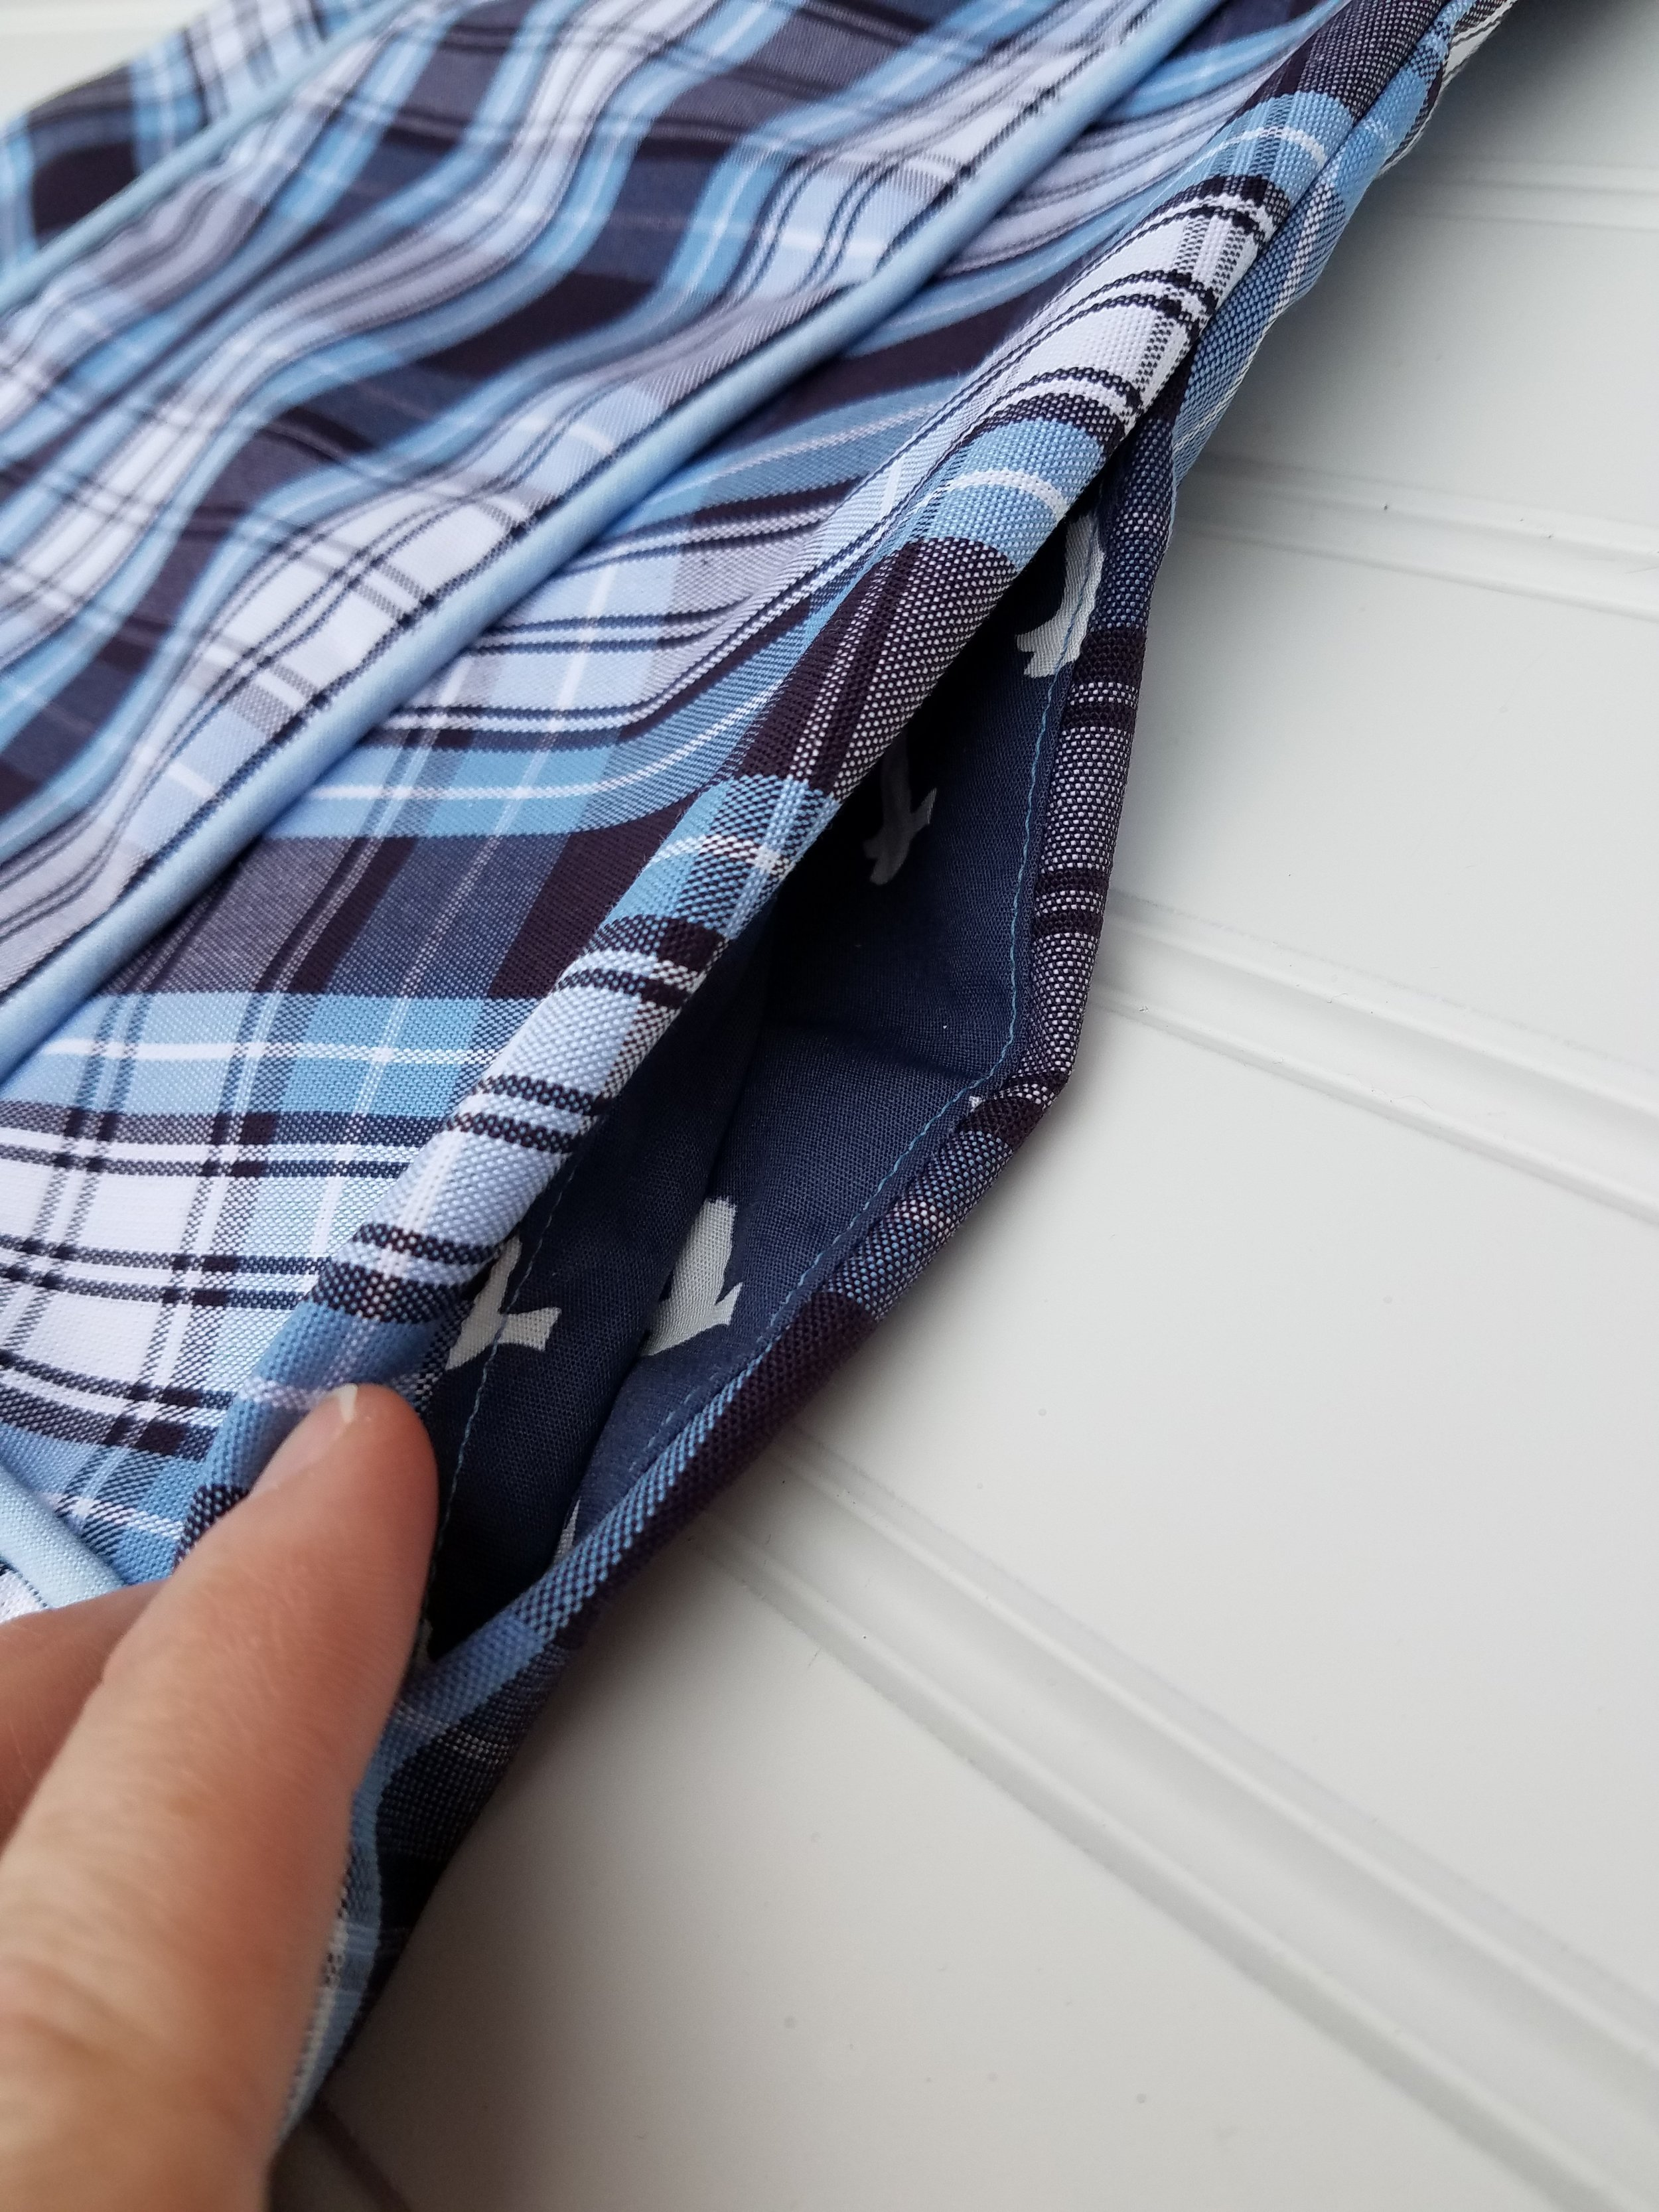 Inseam pockets